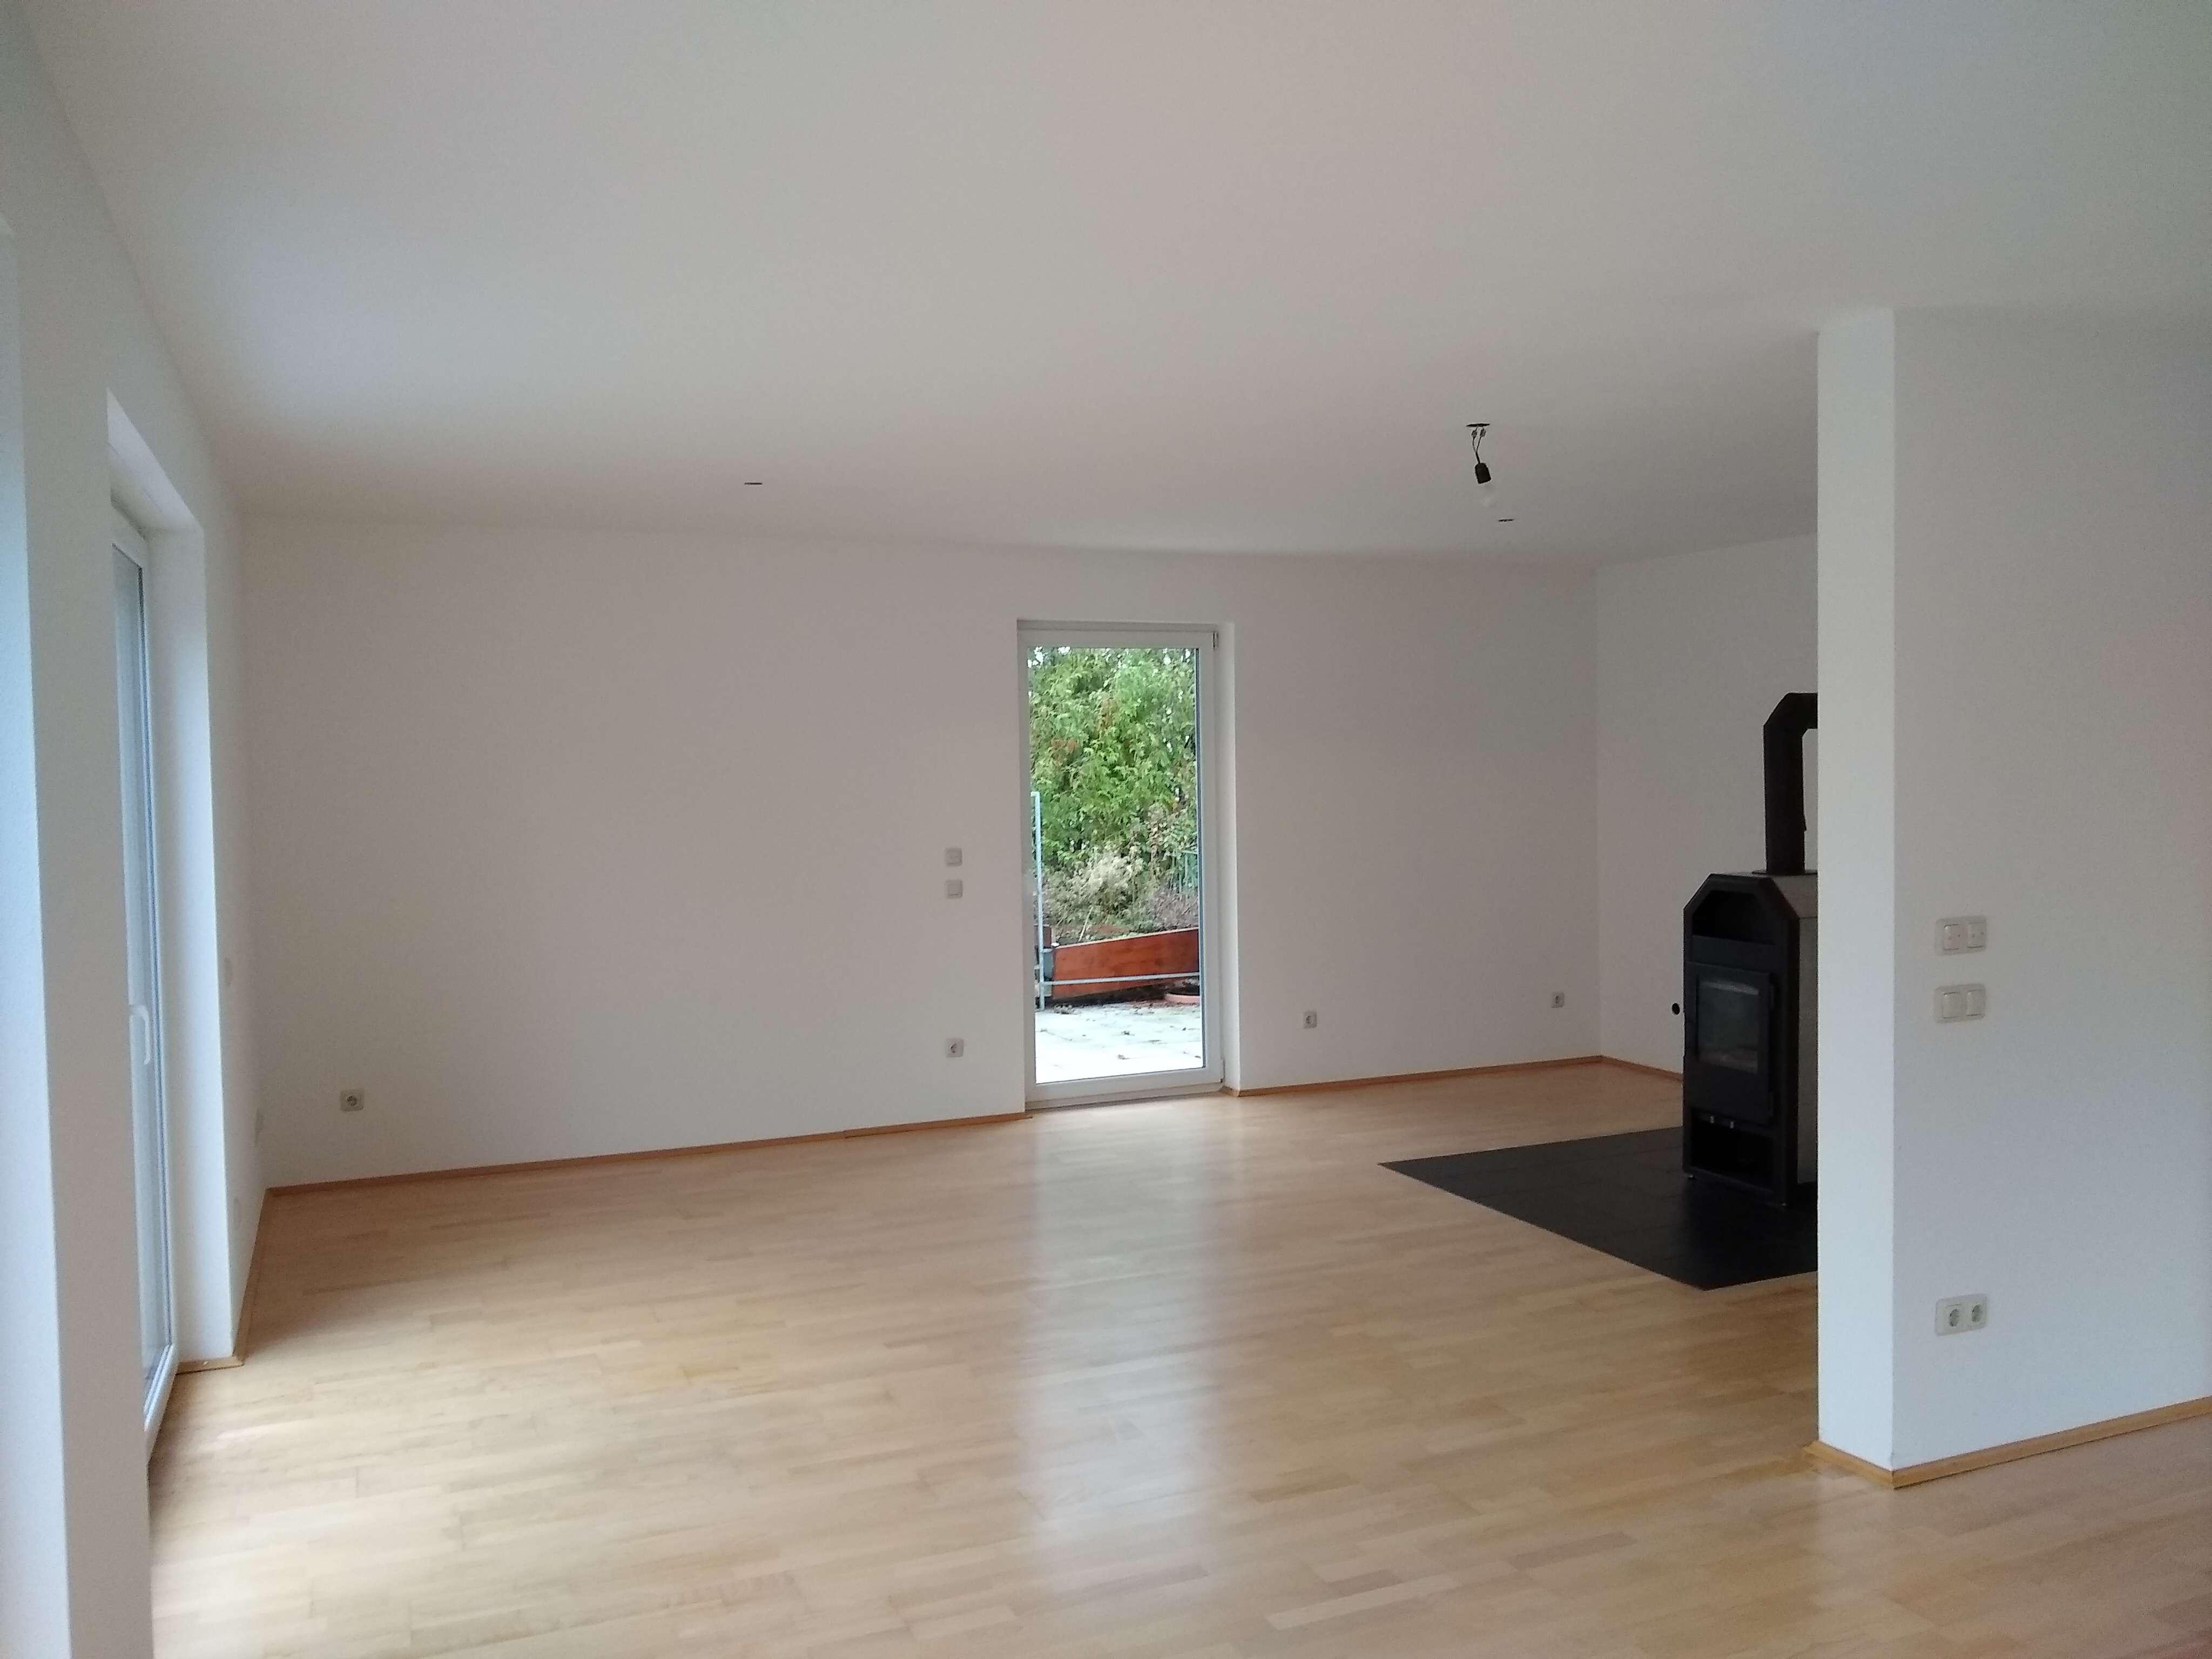 Sehr helle Wohnung mit großer Terrasse und Ausblick ins Grüne in Gräfelfing